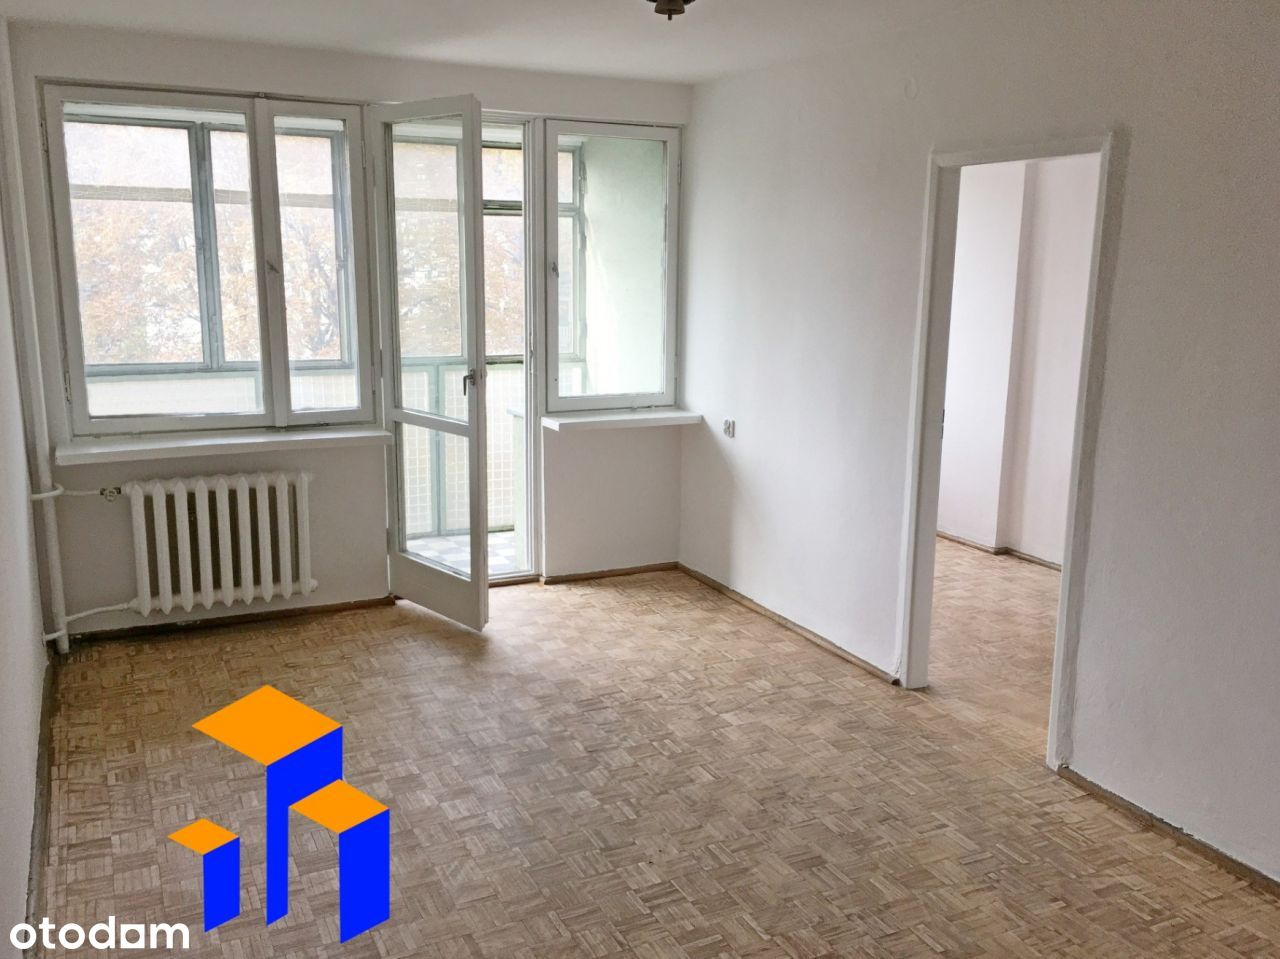 Mieszkanie, 37,40 m², Warszawa